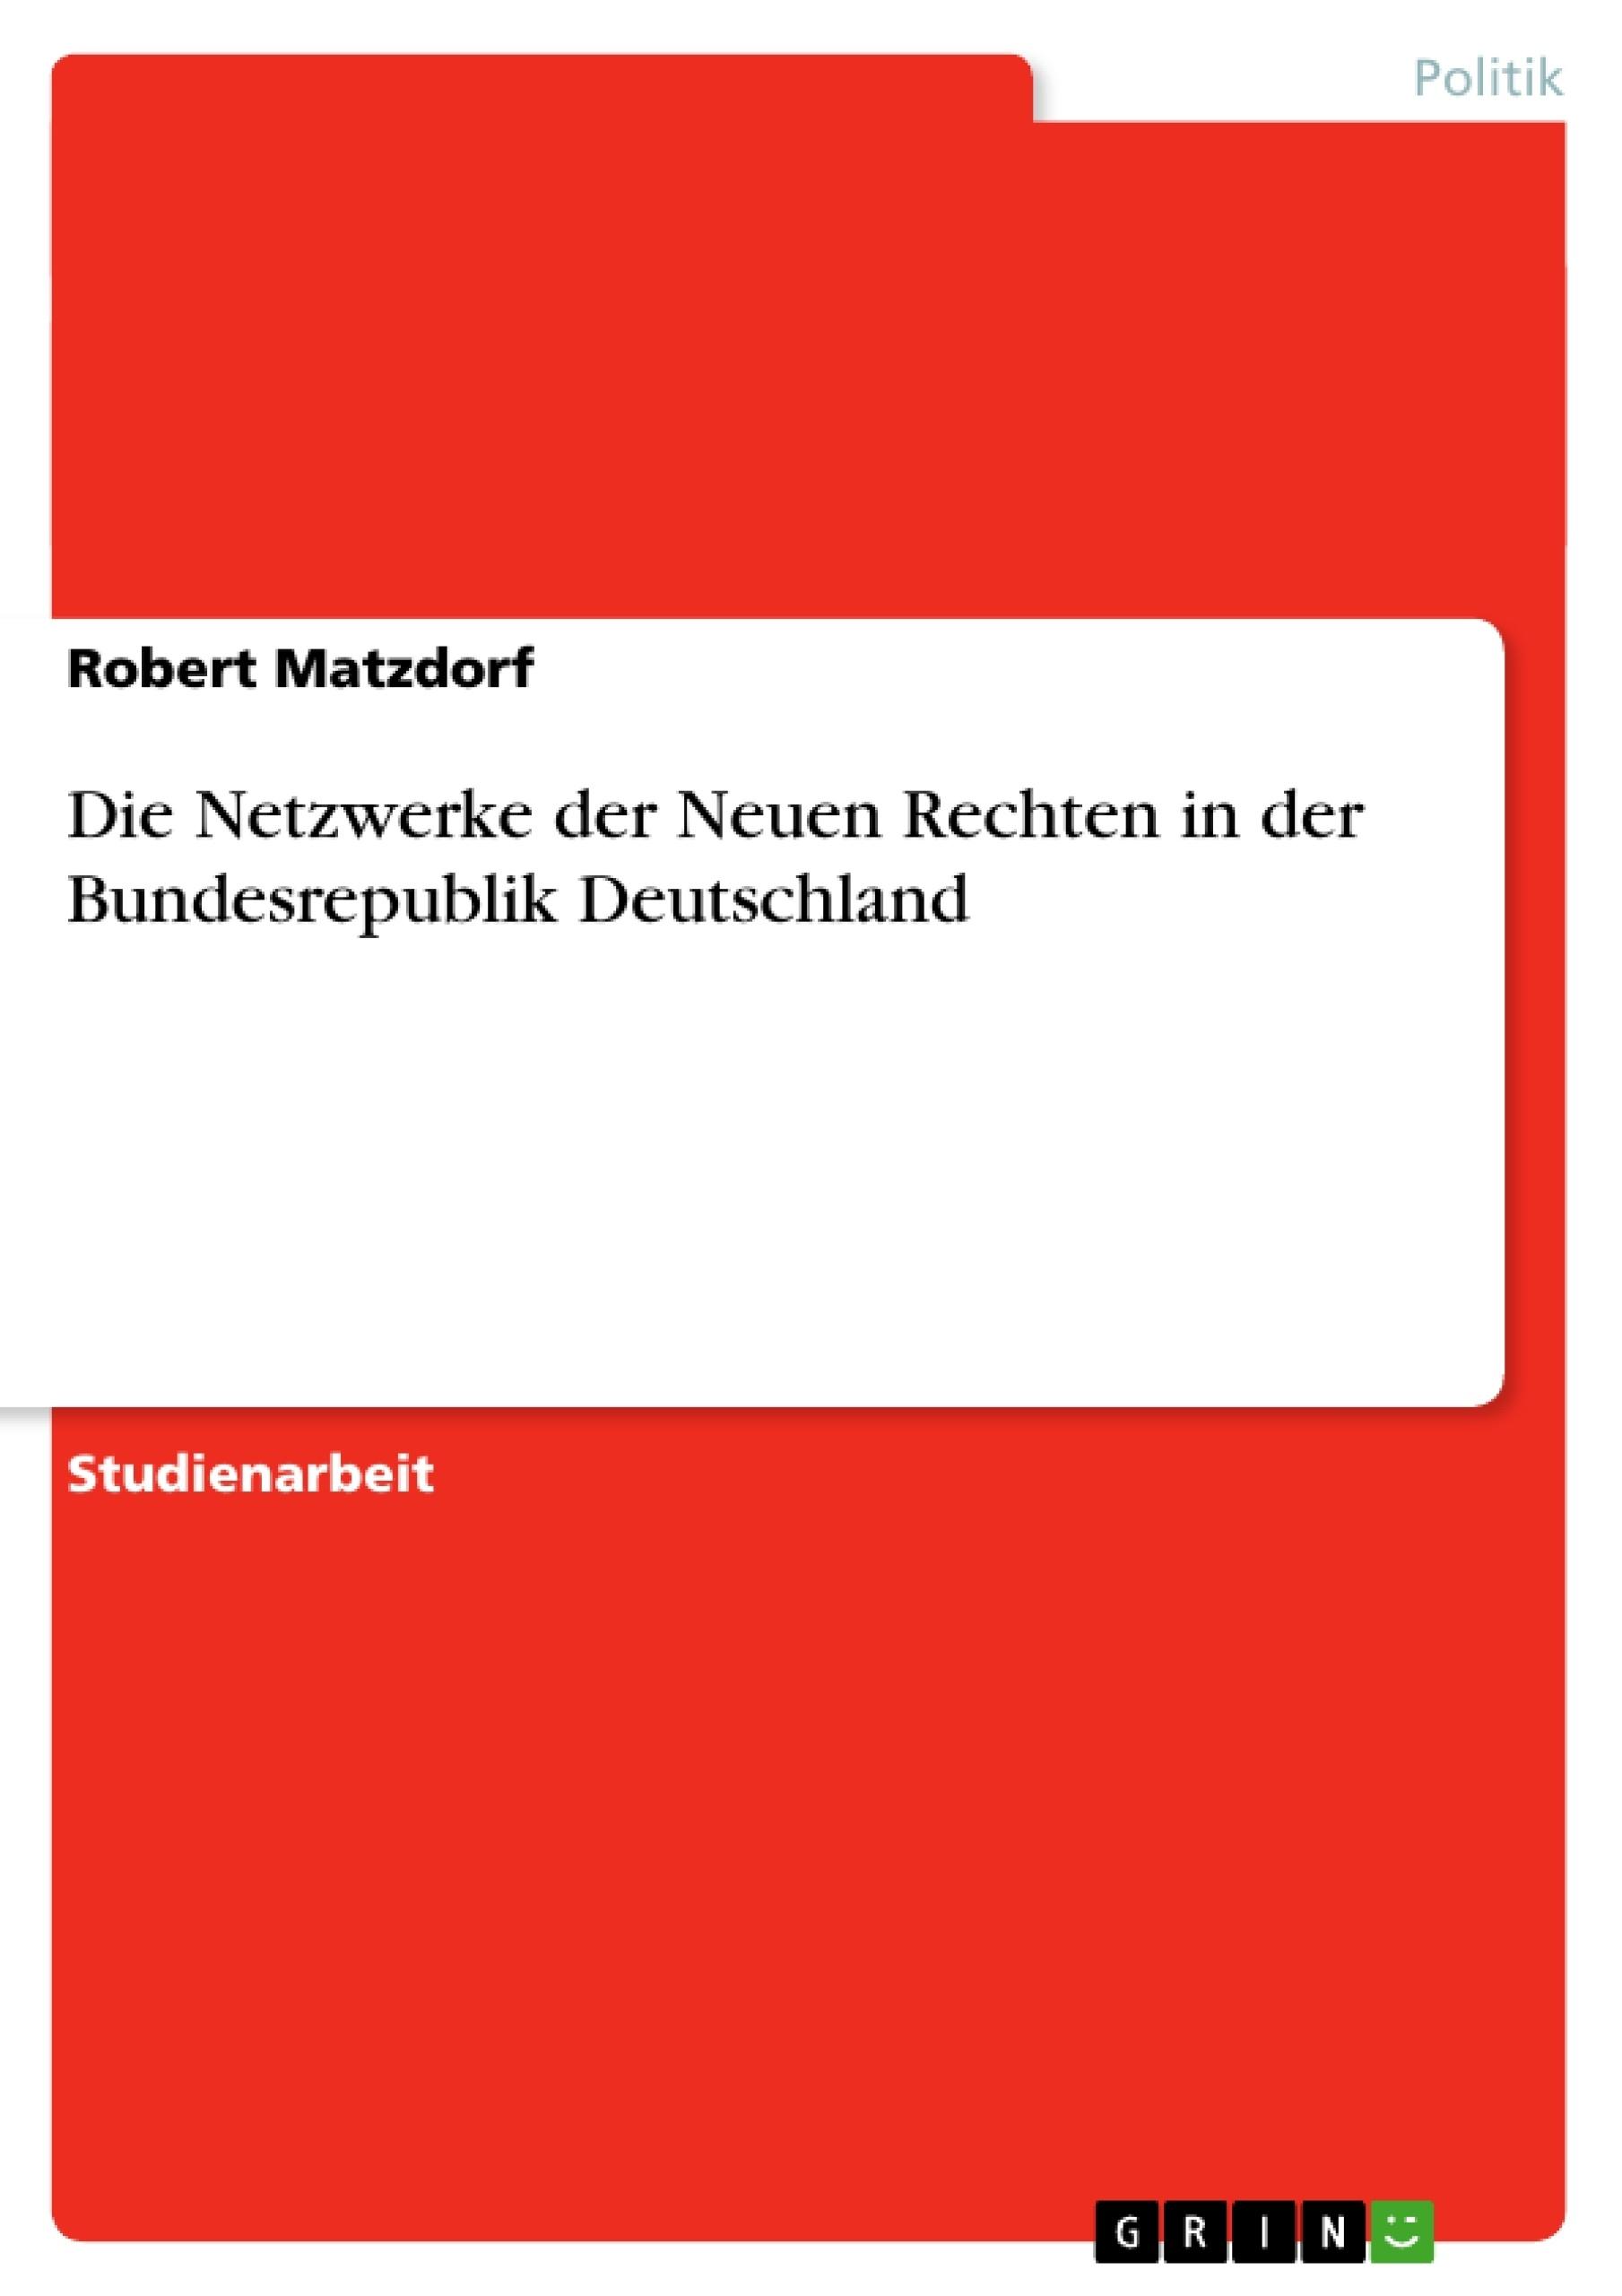 Titel: Die Netzwerke der Neuen Rechten in der Bundesrepublik Deutschland